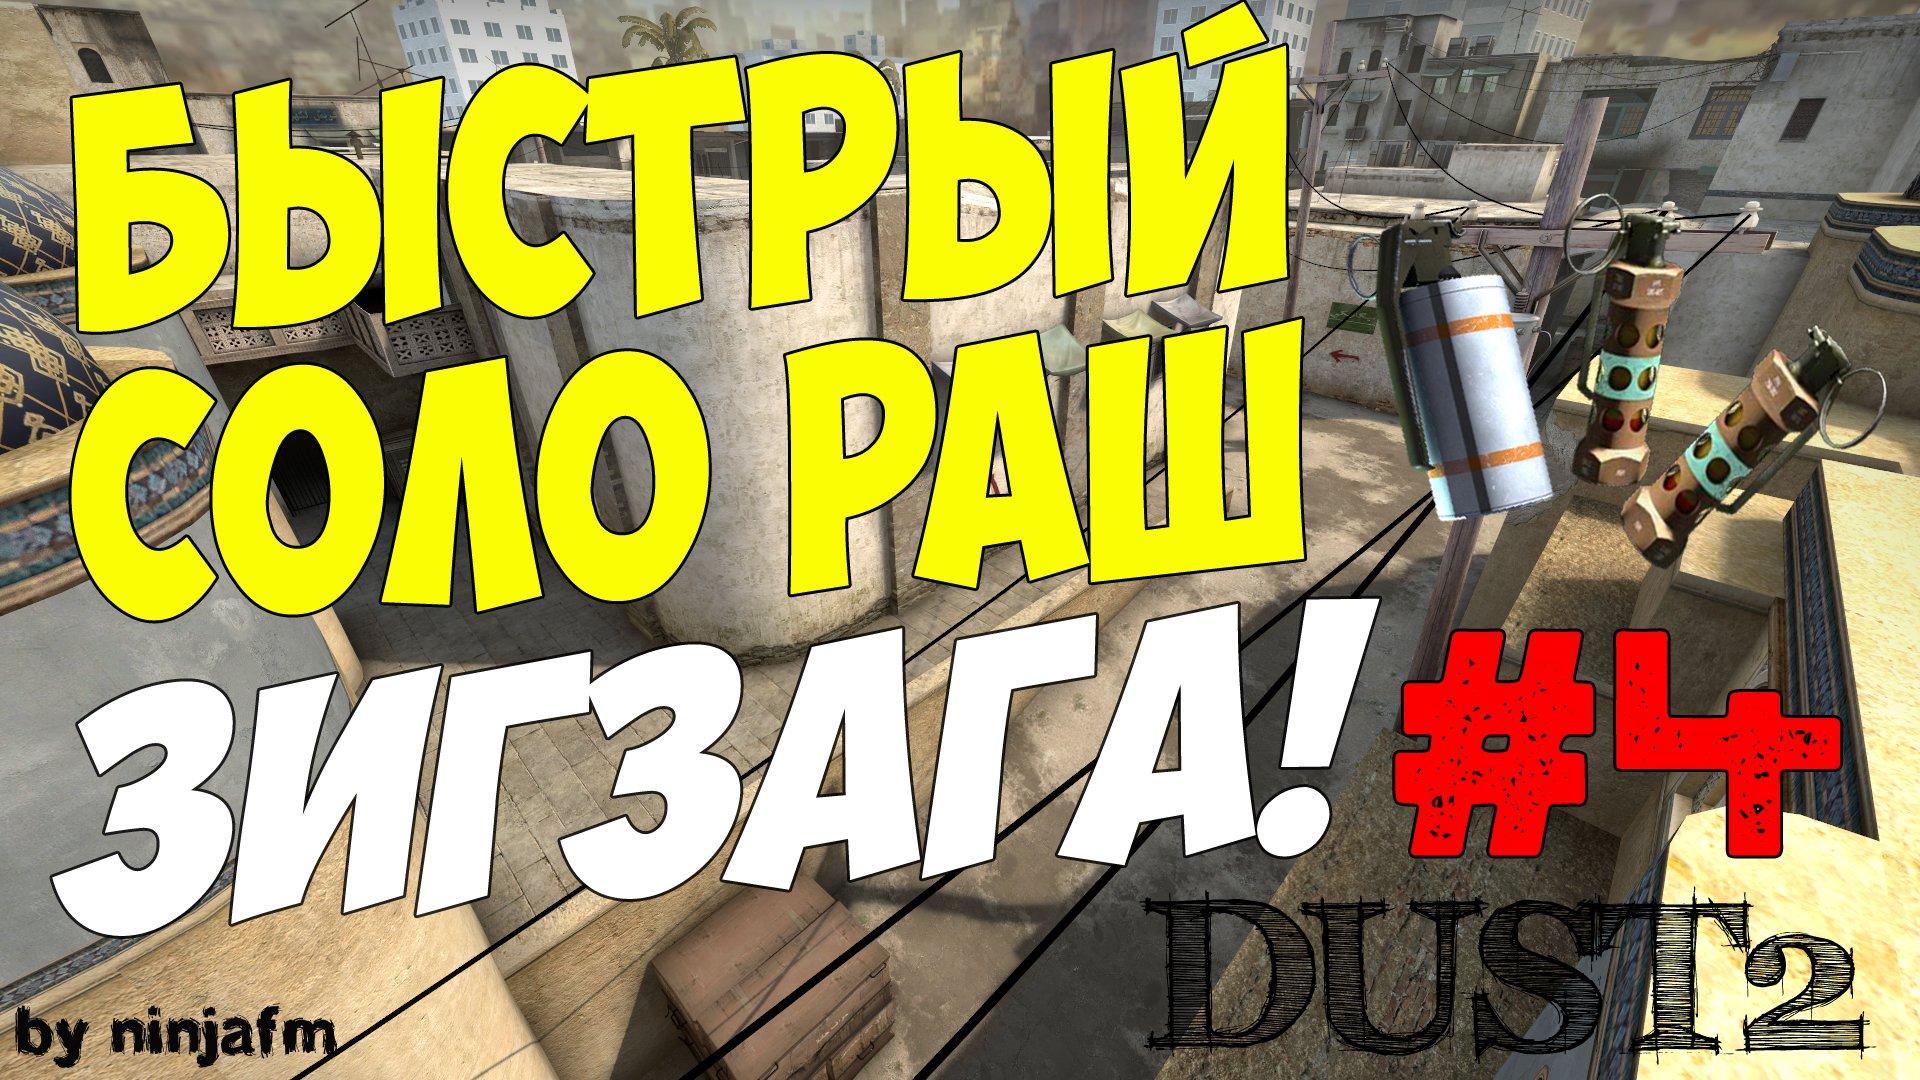 Тактики CS GO #4 - Быстрый соло раш зигзага Dust2 (T)  - Изображение 1